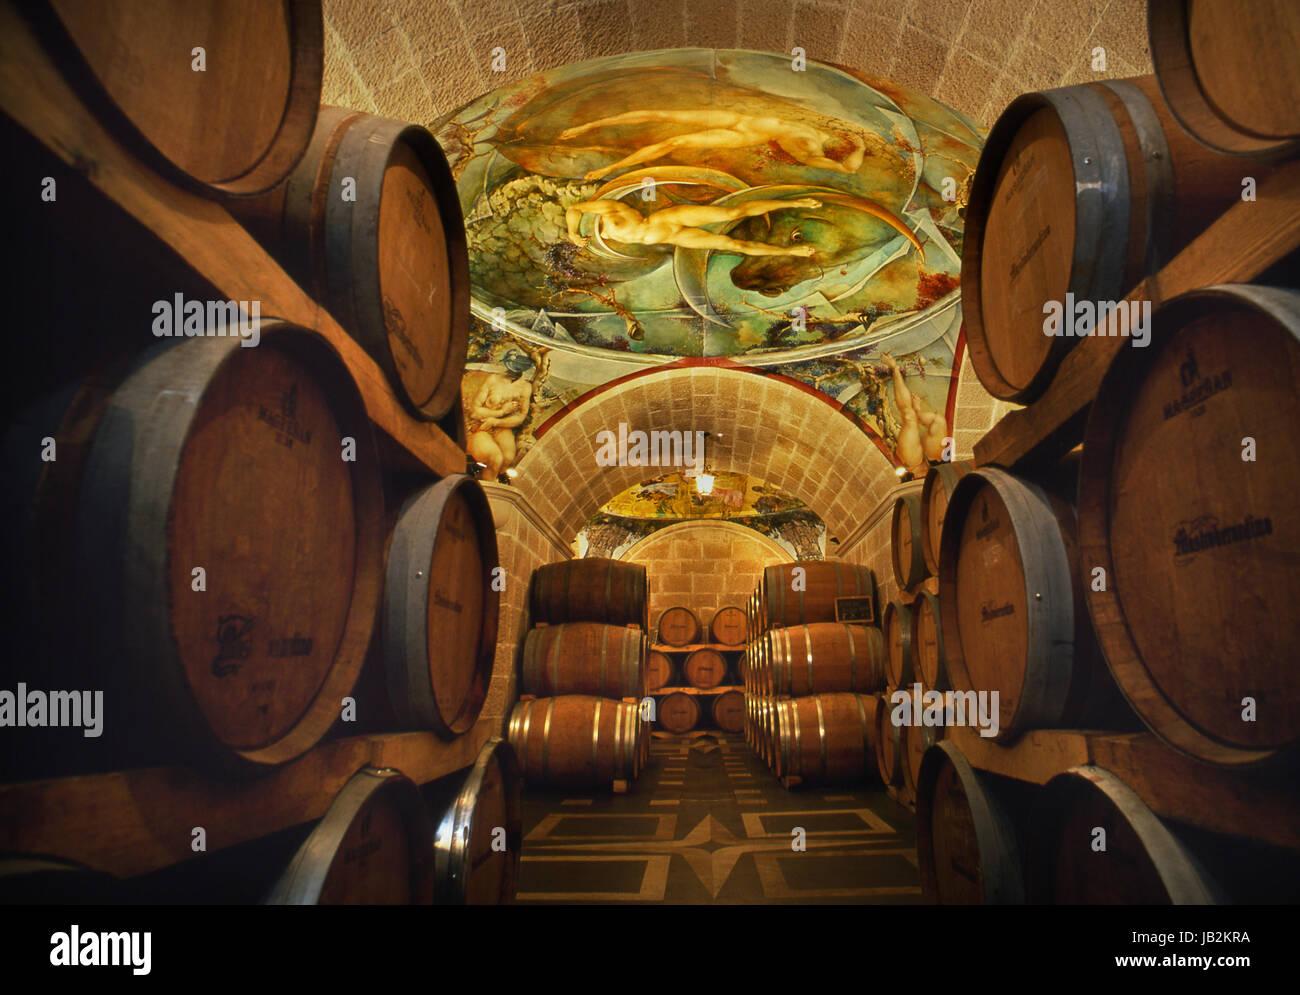 ITALIENISCHER Wein Altern Fasskeller von Mastroberardino mit handgemalten Fresken kombinieren das Weingut Ethos Stockbild